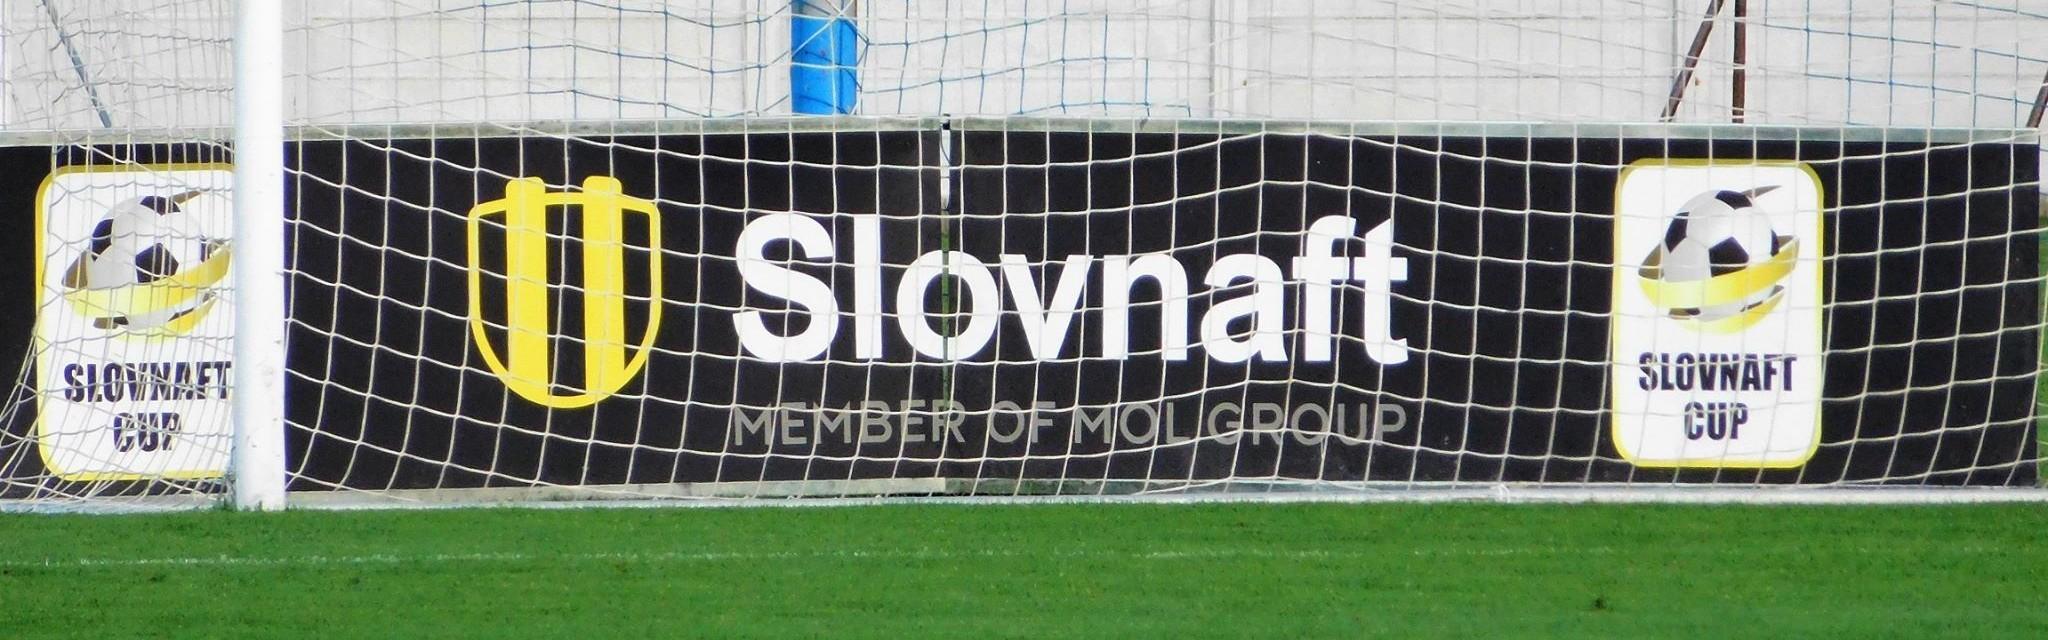 SLOVNAFT CUP: V UTOROK A V STREDU ZÁPASY 2. KOLA SLOVENSKÉHO POHÁRA – SLOVNAFT CUPU 2018/19